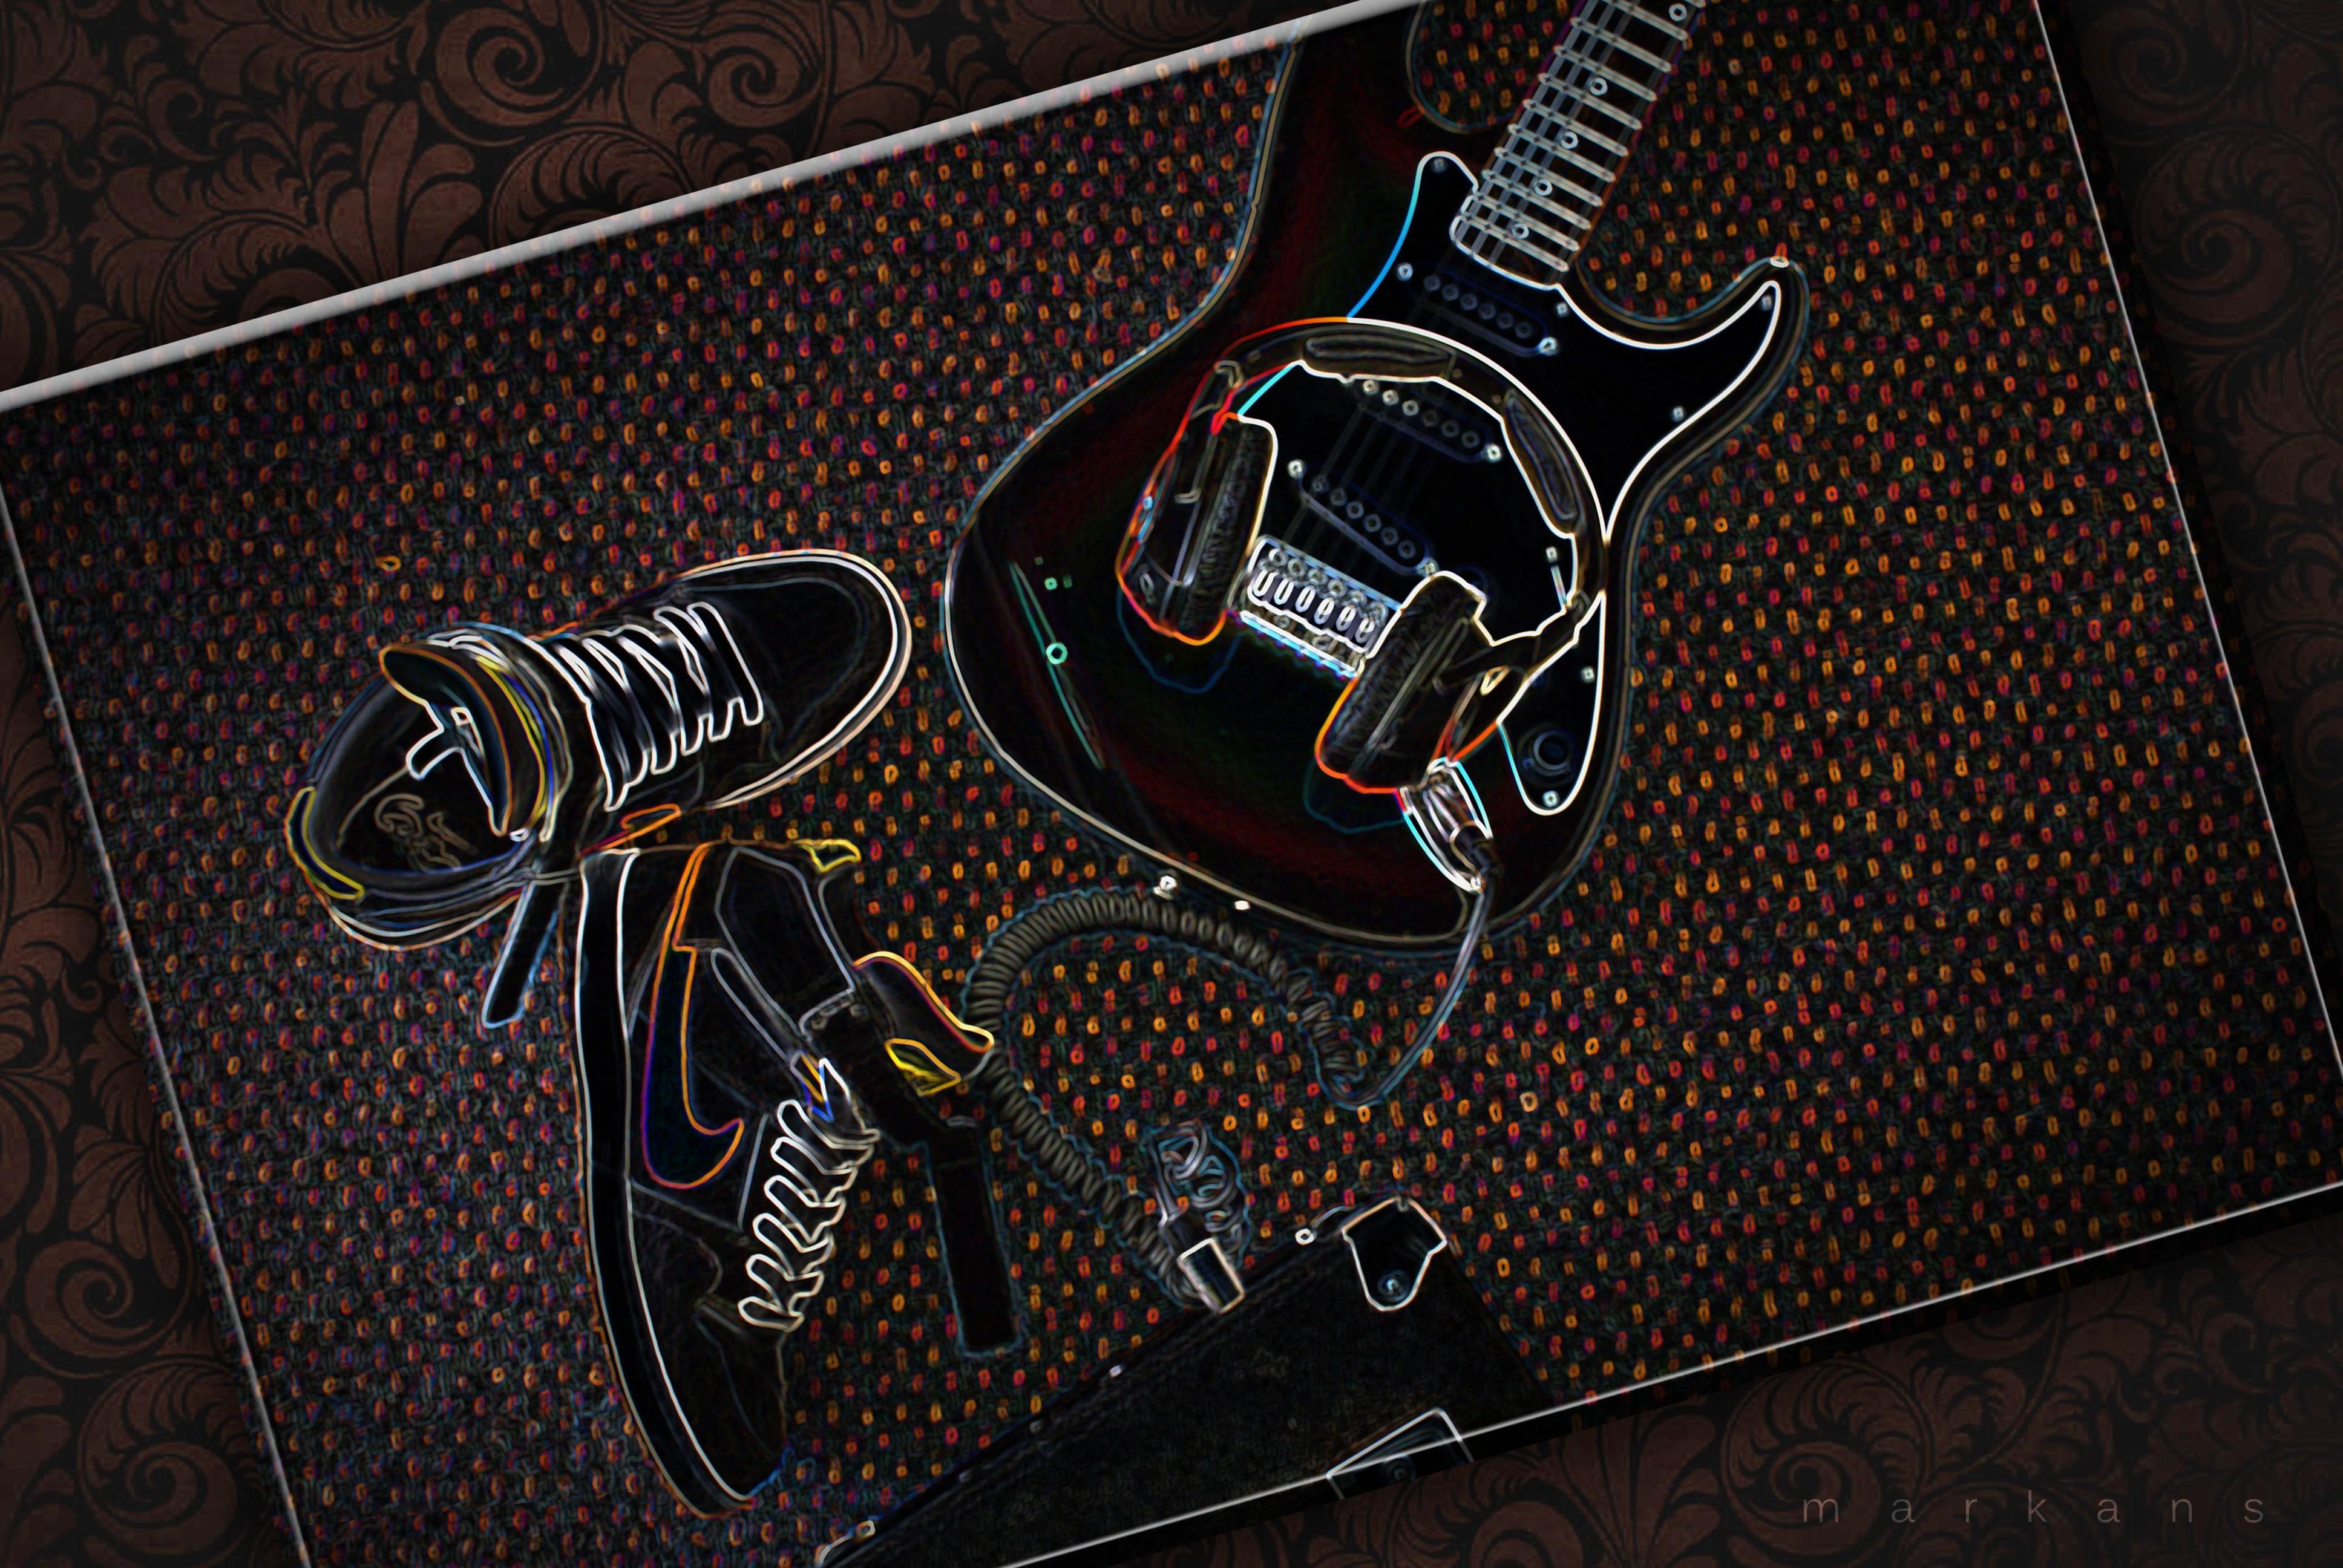 сумка в виде гитары купить в ролл холле.